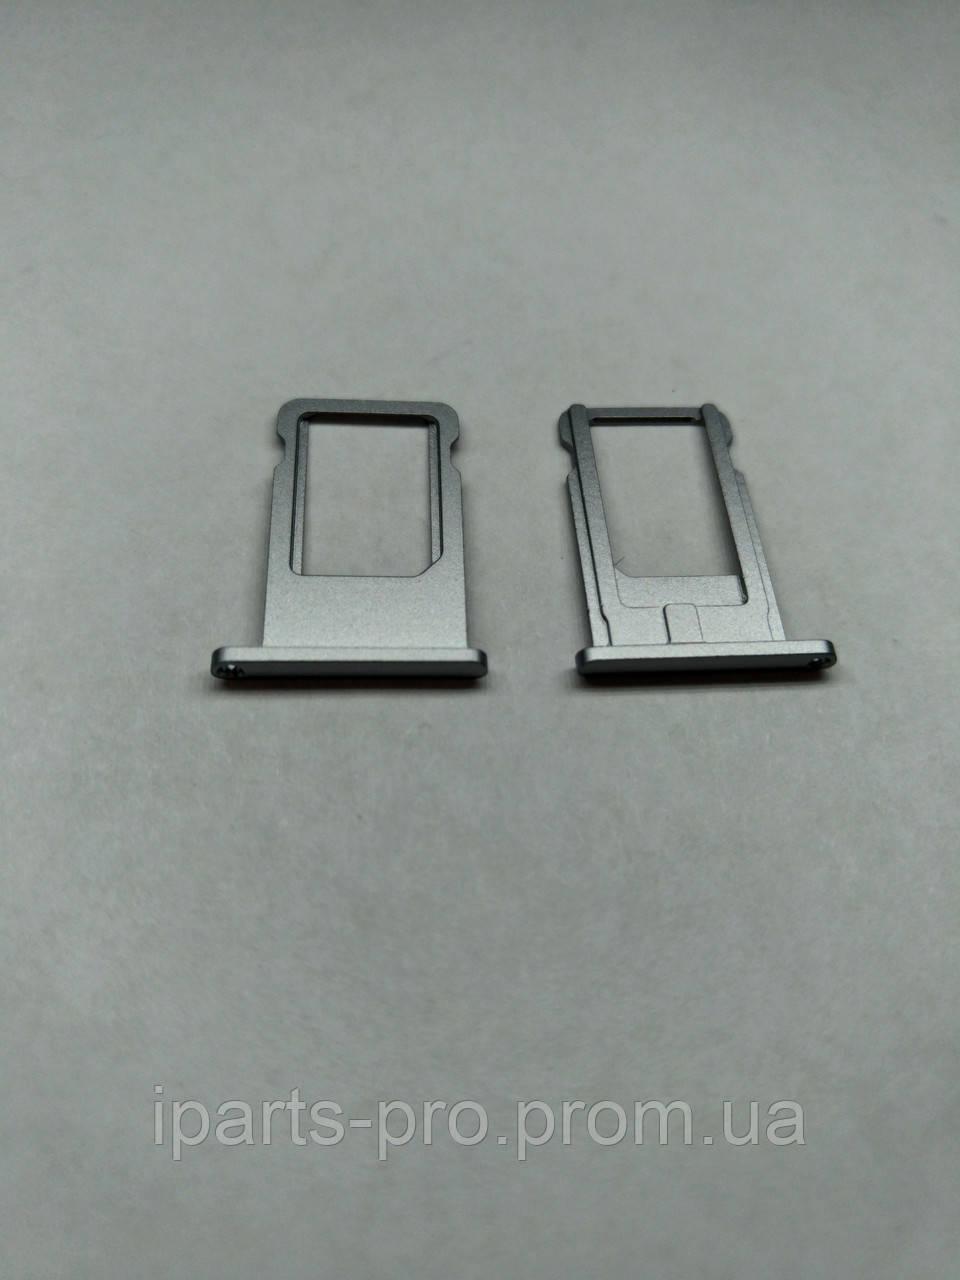 Лоток для сим-карты для iPhone 6 ЧЕРНЫЙ